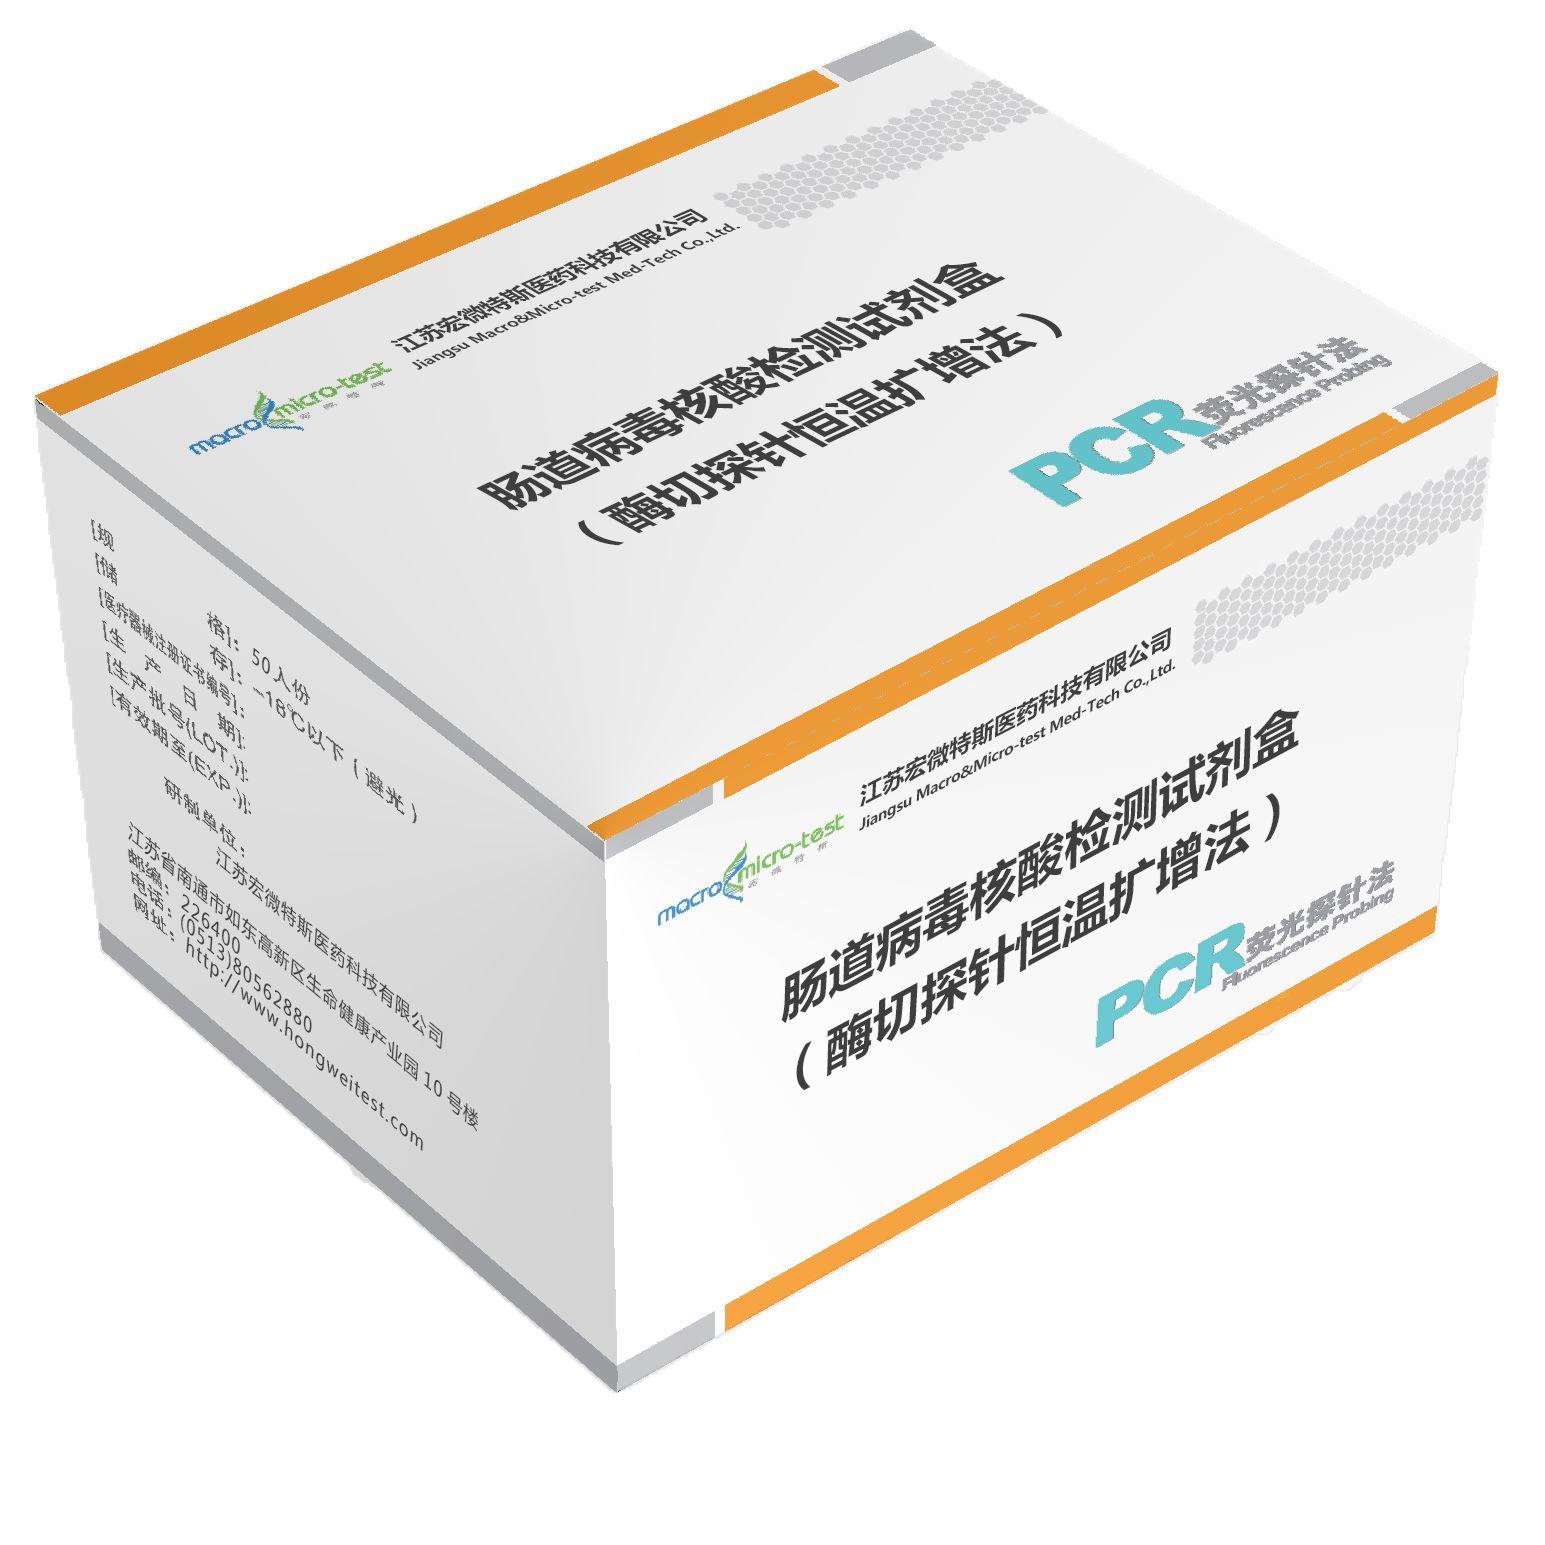 肠道病毒核酸检测试剂盒(酶切探针恒温扩增法)